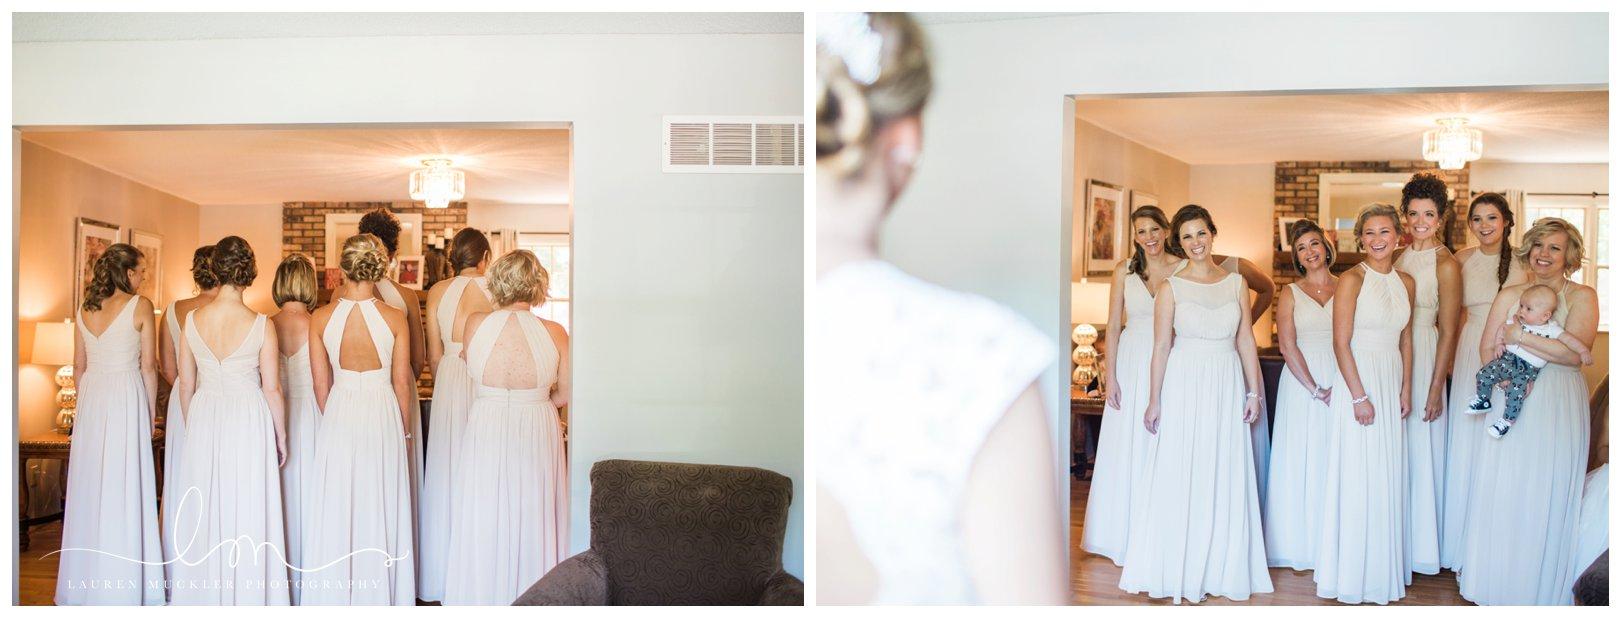 lauren muckler photography_fine art film wedding photography_st louis_photography_0485.jpg